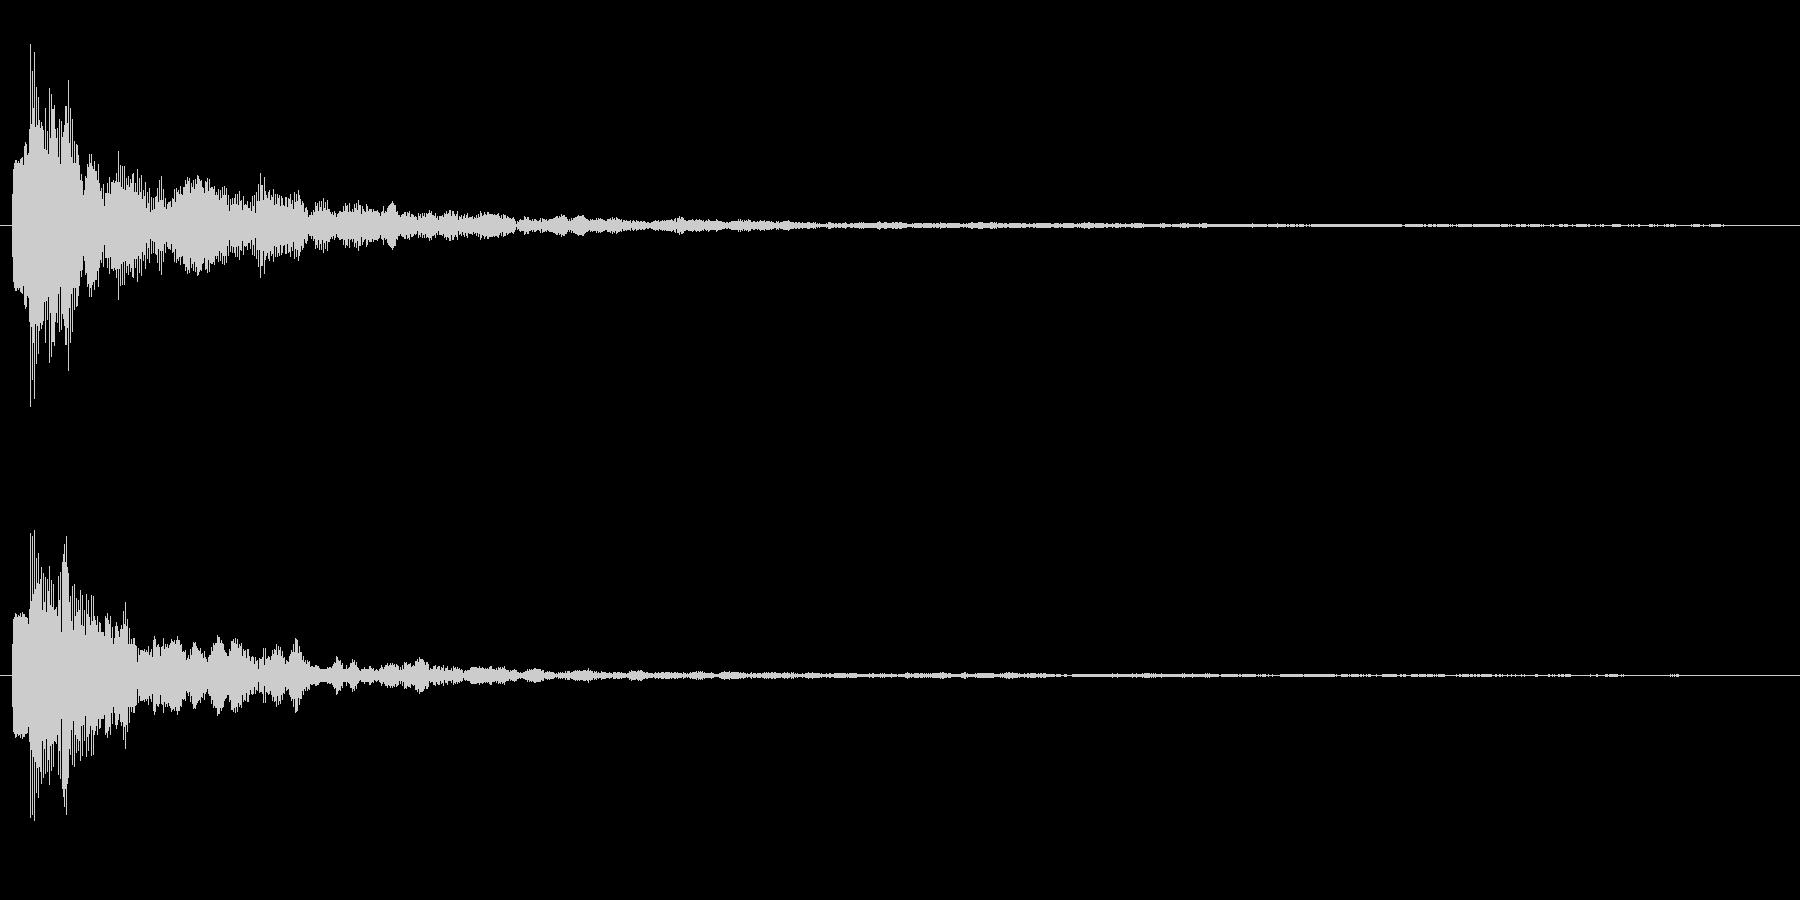 ジャーン テロップ・決定音・タッチ音の未再生の波形